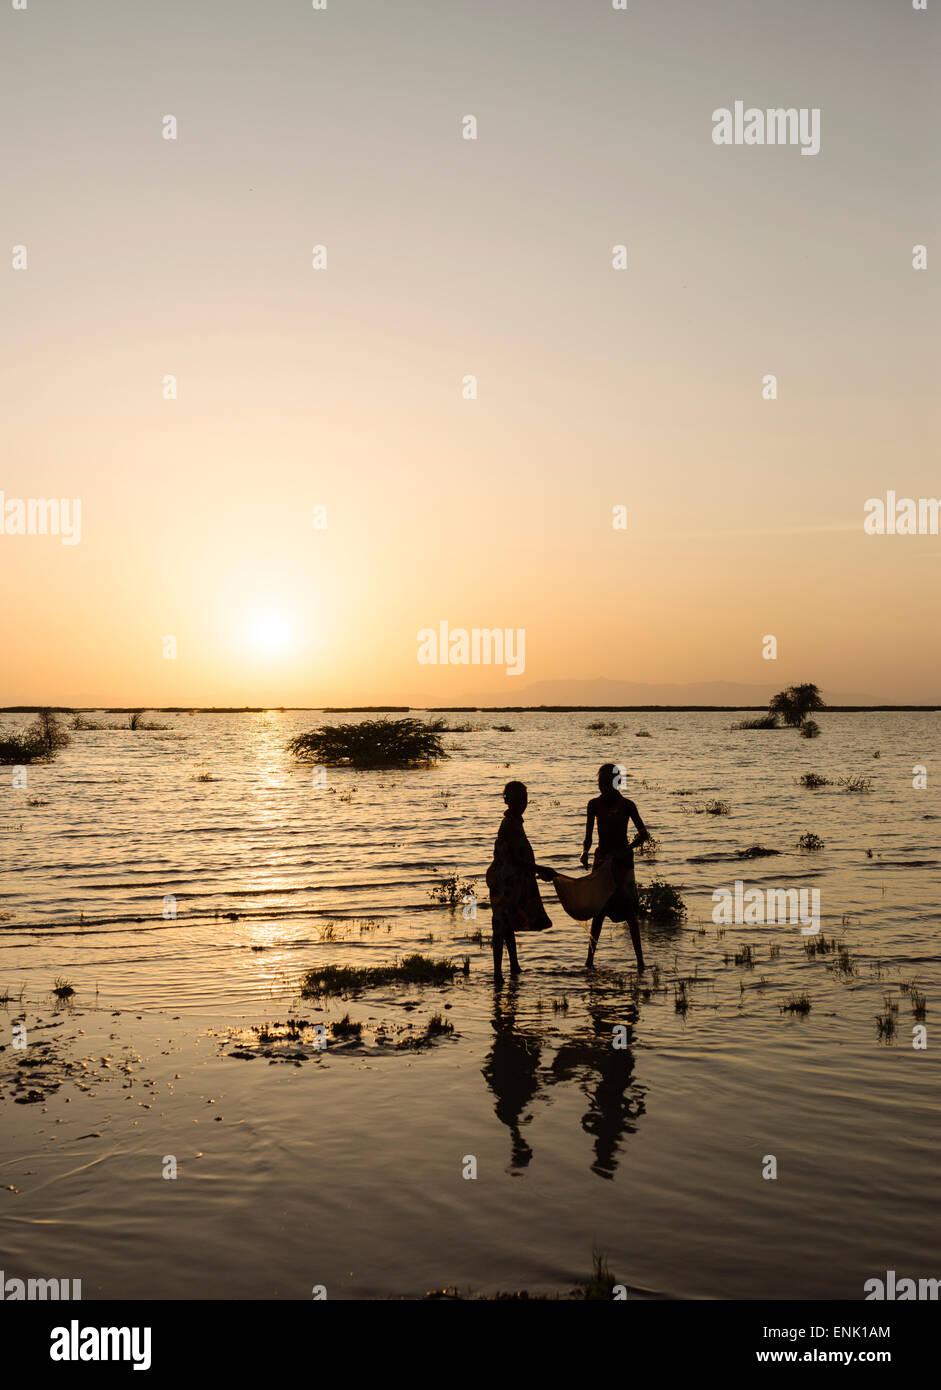 Kinder des Stammes Dassanech Angeln am Ufer des Turkana-Sees, Omo-Tal in Äthiopien, Afrika Stockfoto